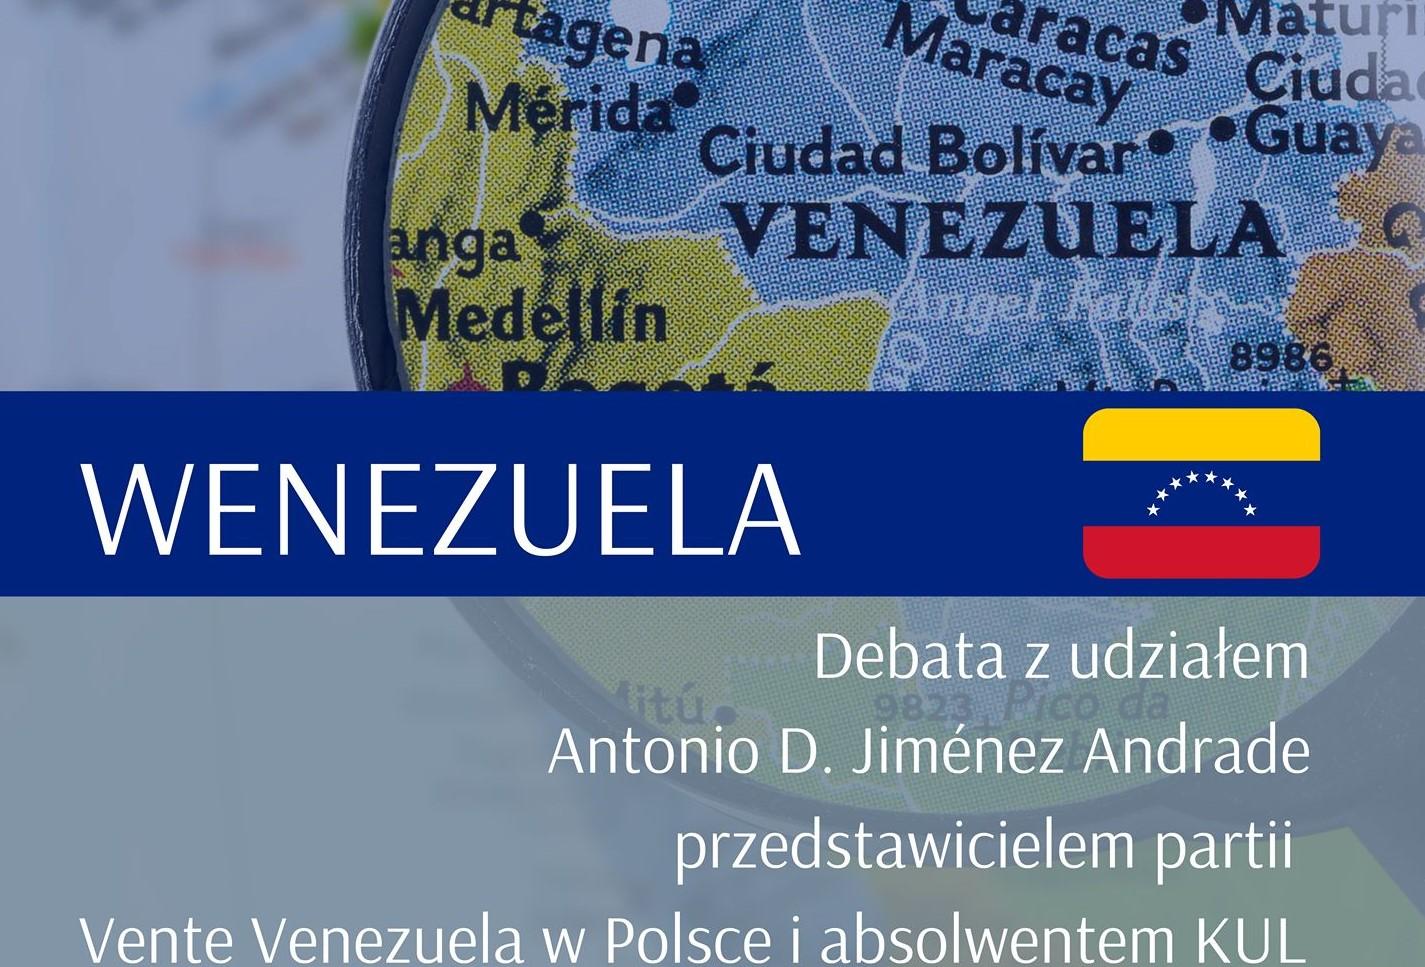 Sytuacja społeczna, gospodarcza i polityczna w Wenezueli | Antonio J. Andrade.